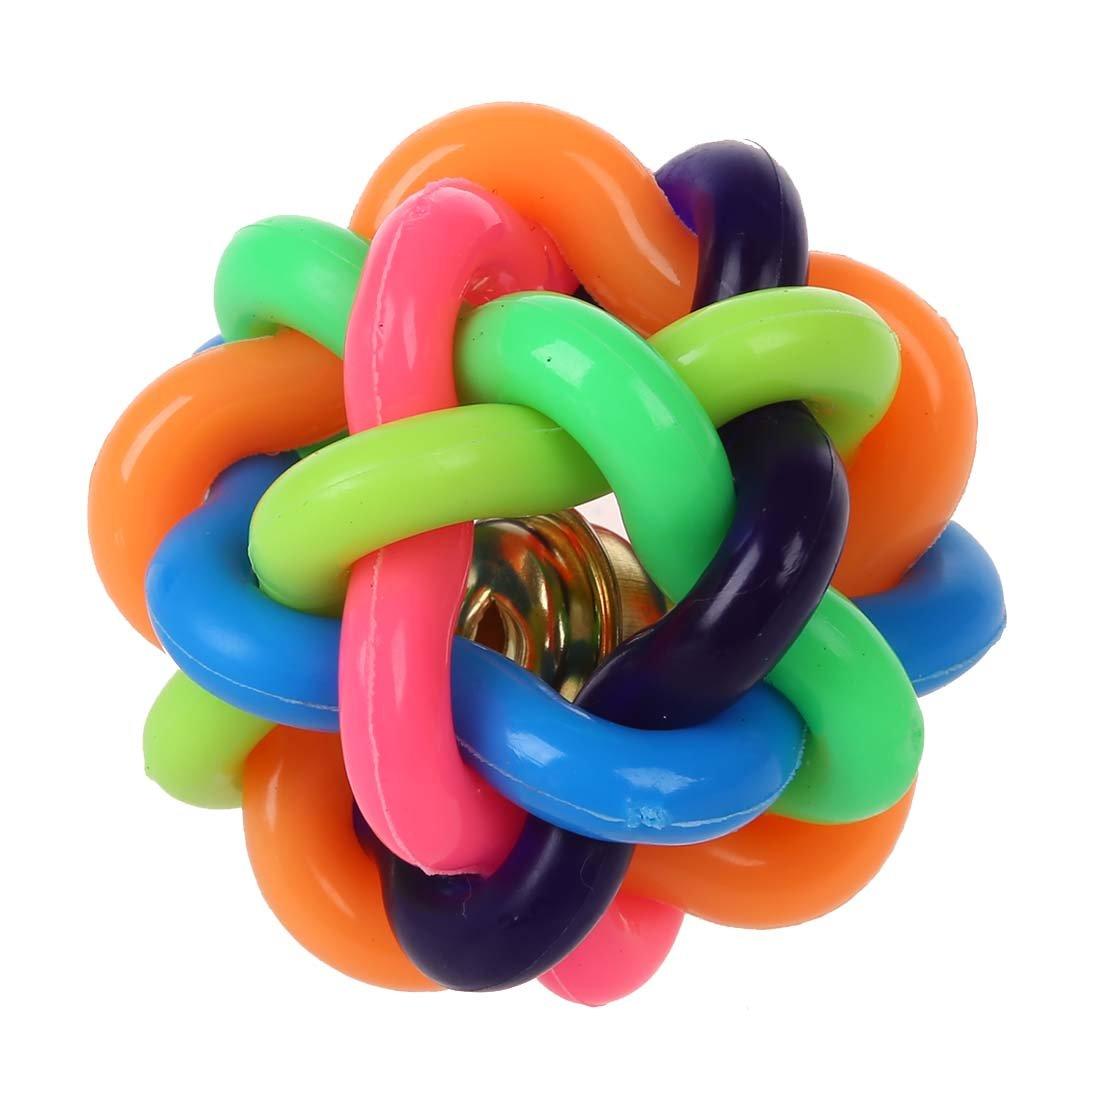 SODIAL (R) Taille de 4.5cm Cat Pet Puppy Dog Rainbow Color caoutchouc de Bell balle jouet sonore ballon rond SODIAL(R)